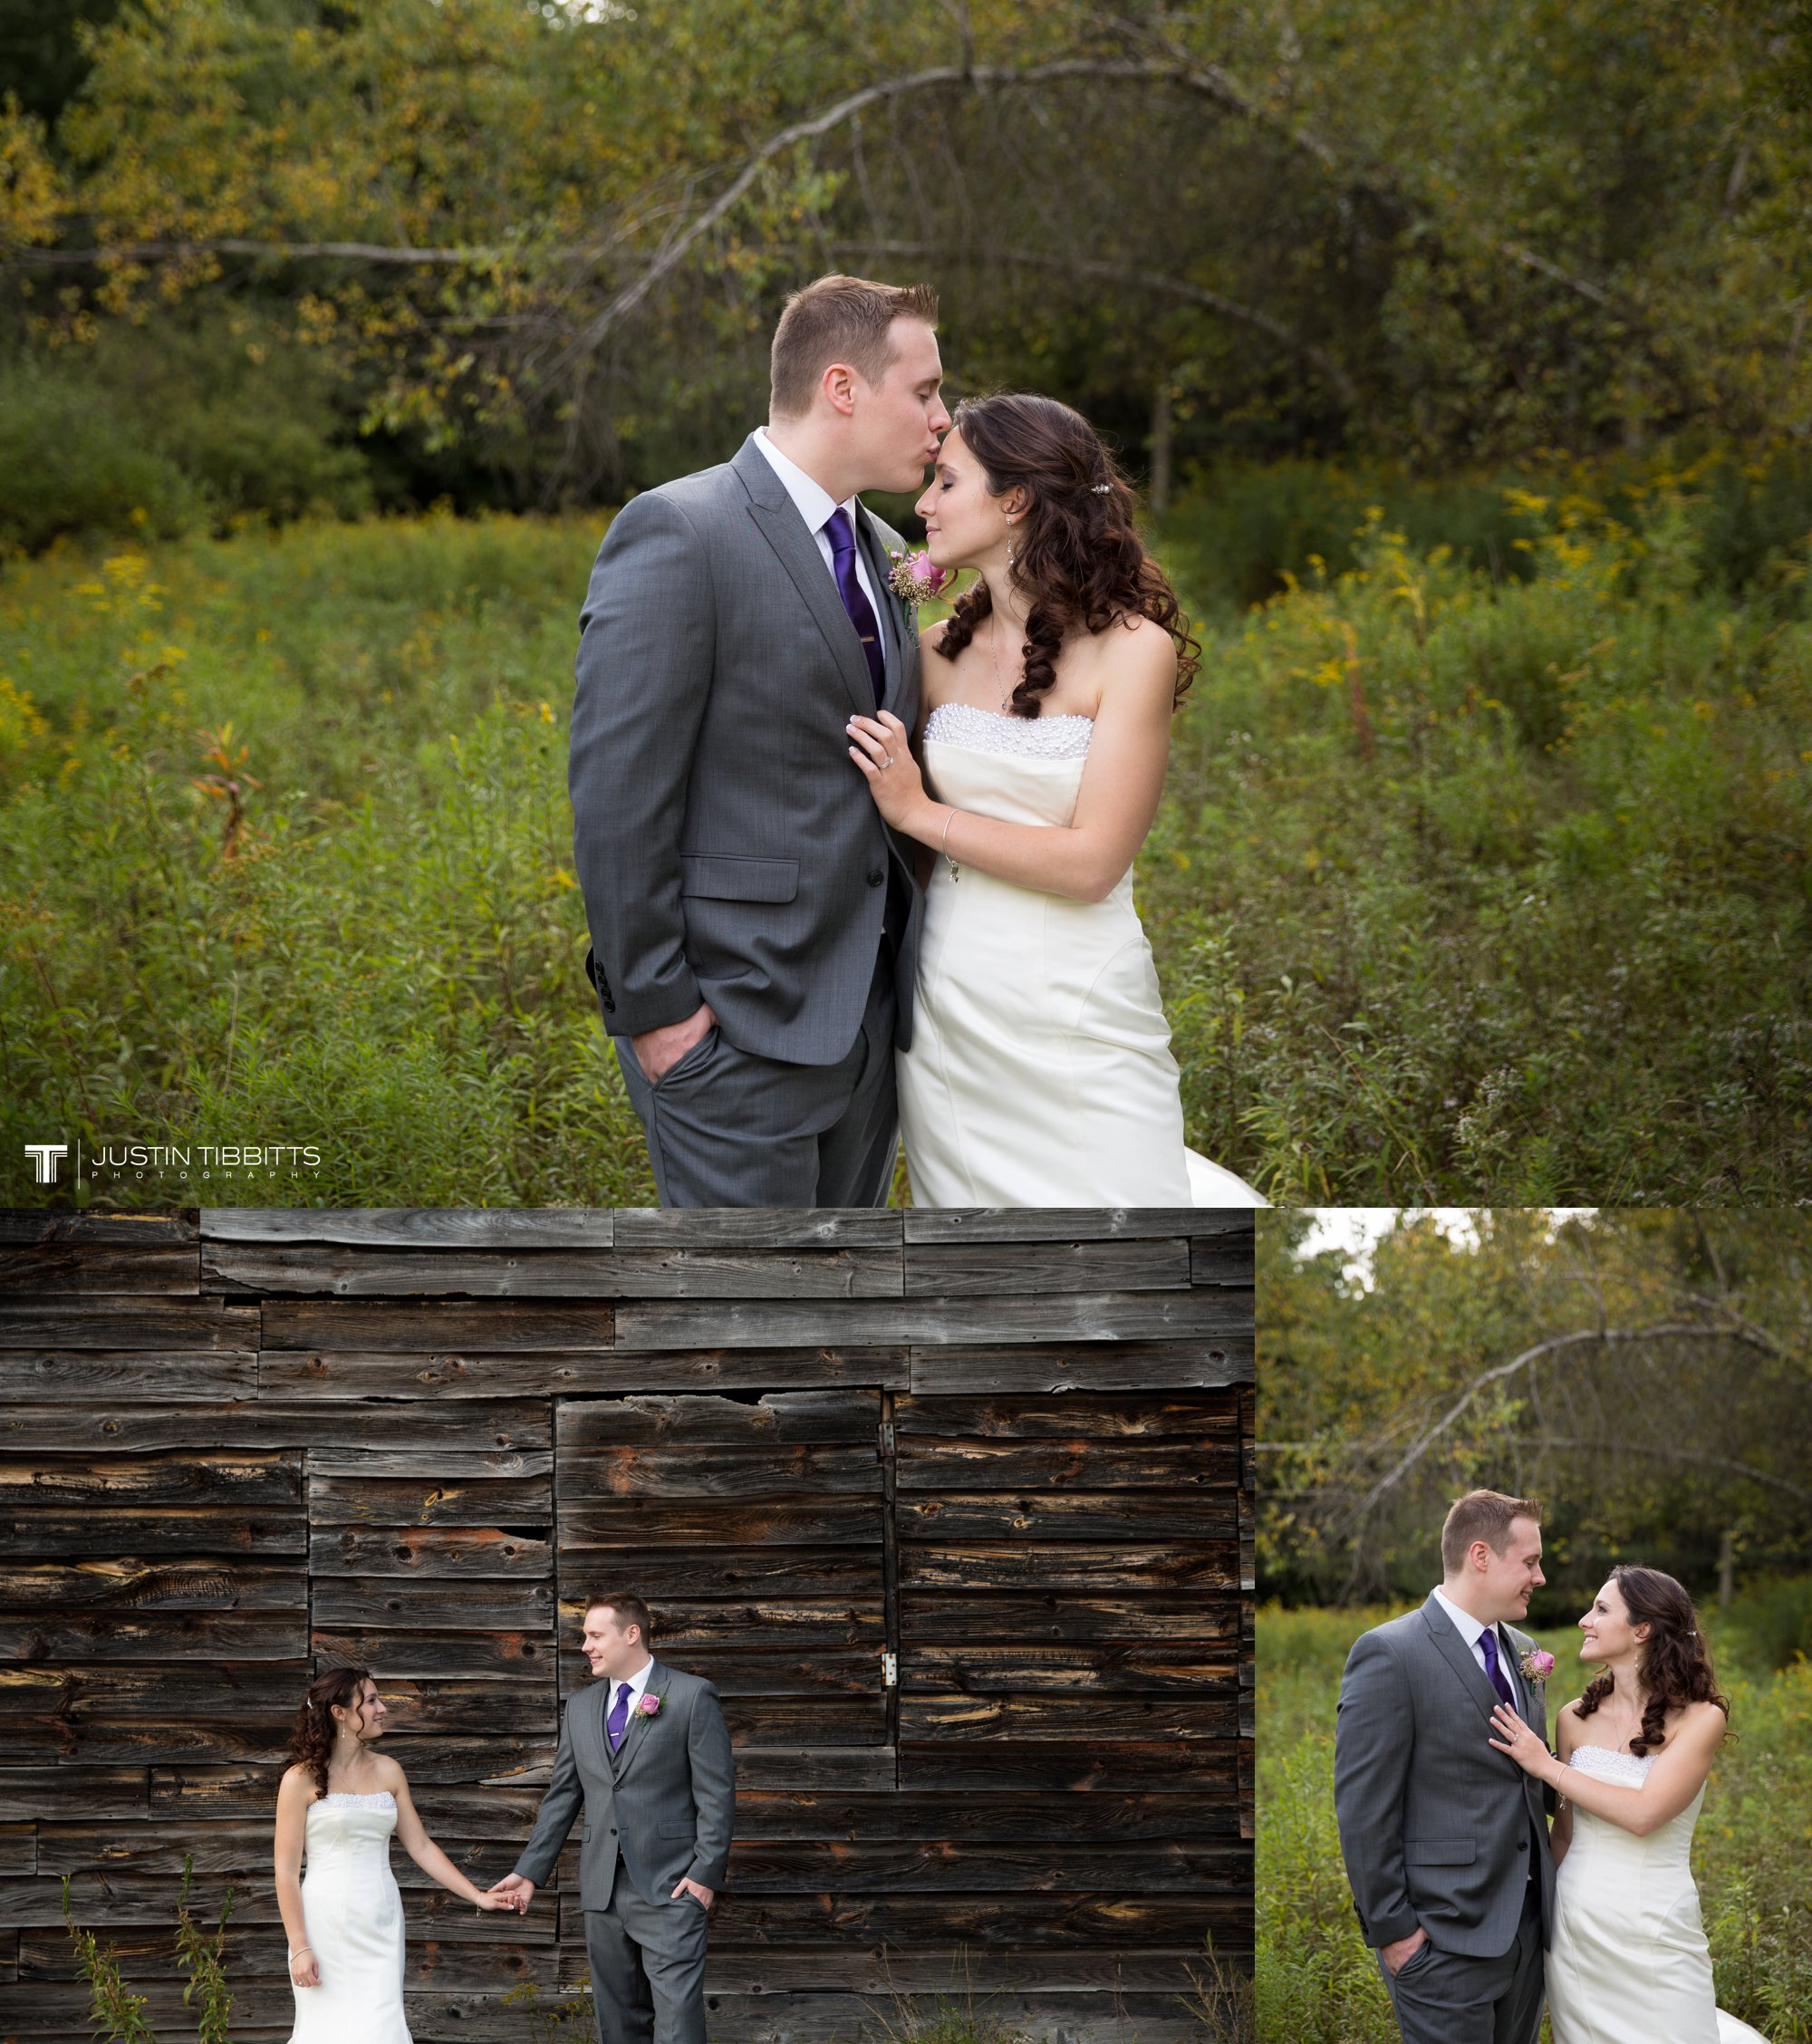 Justin Tibbitts Photography Rob and Brittany's Averill Park, NY Wedding_0410